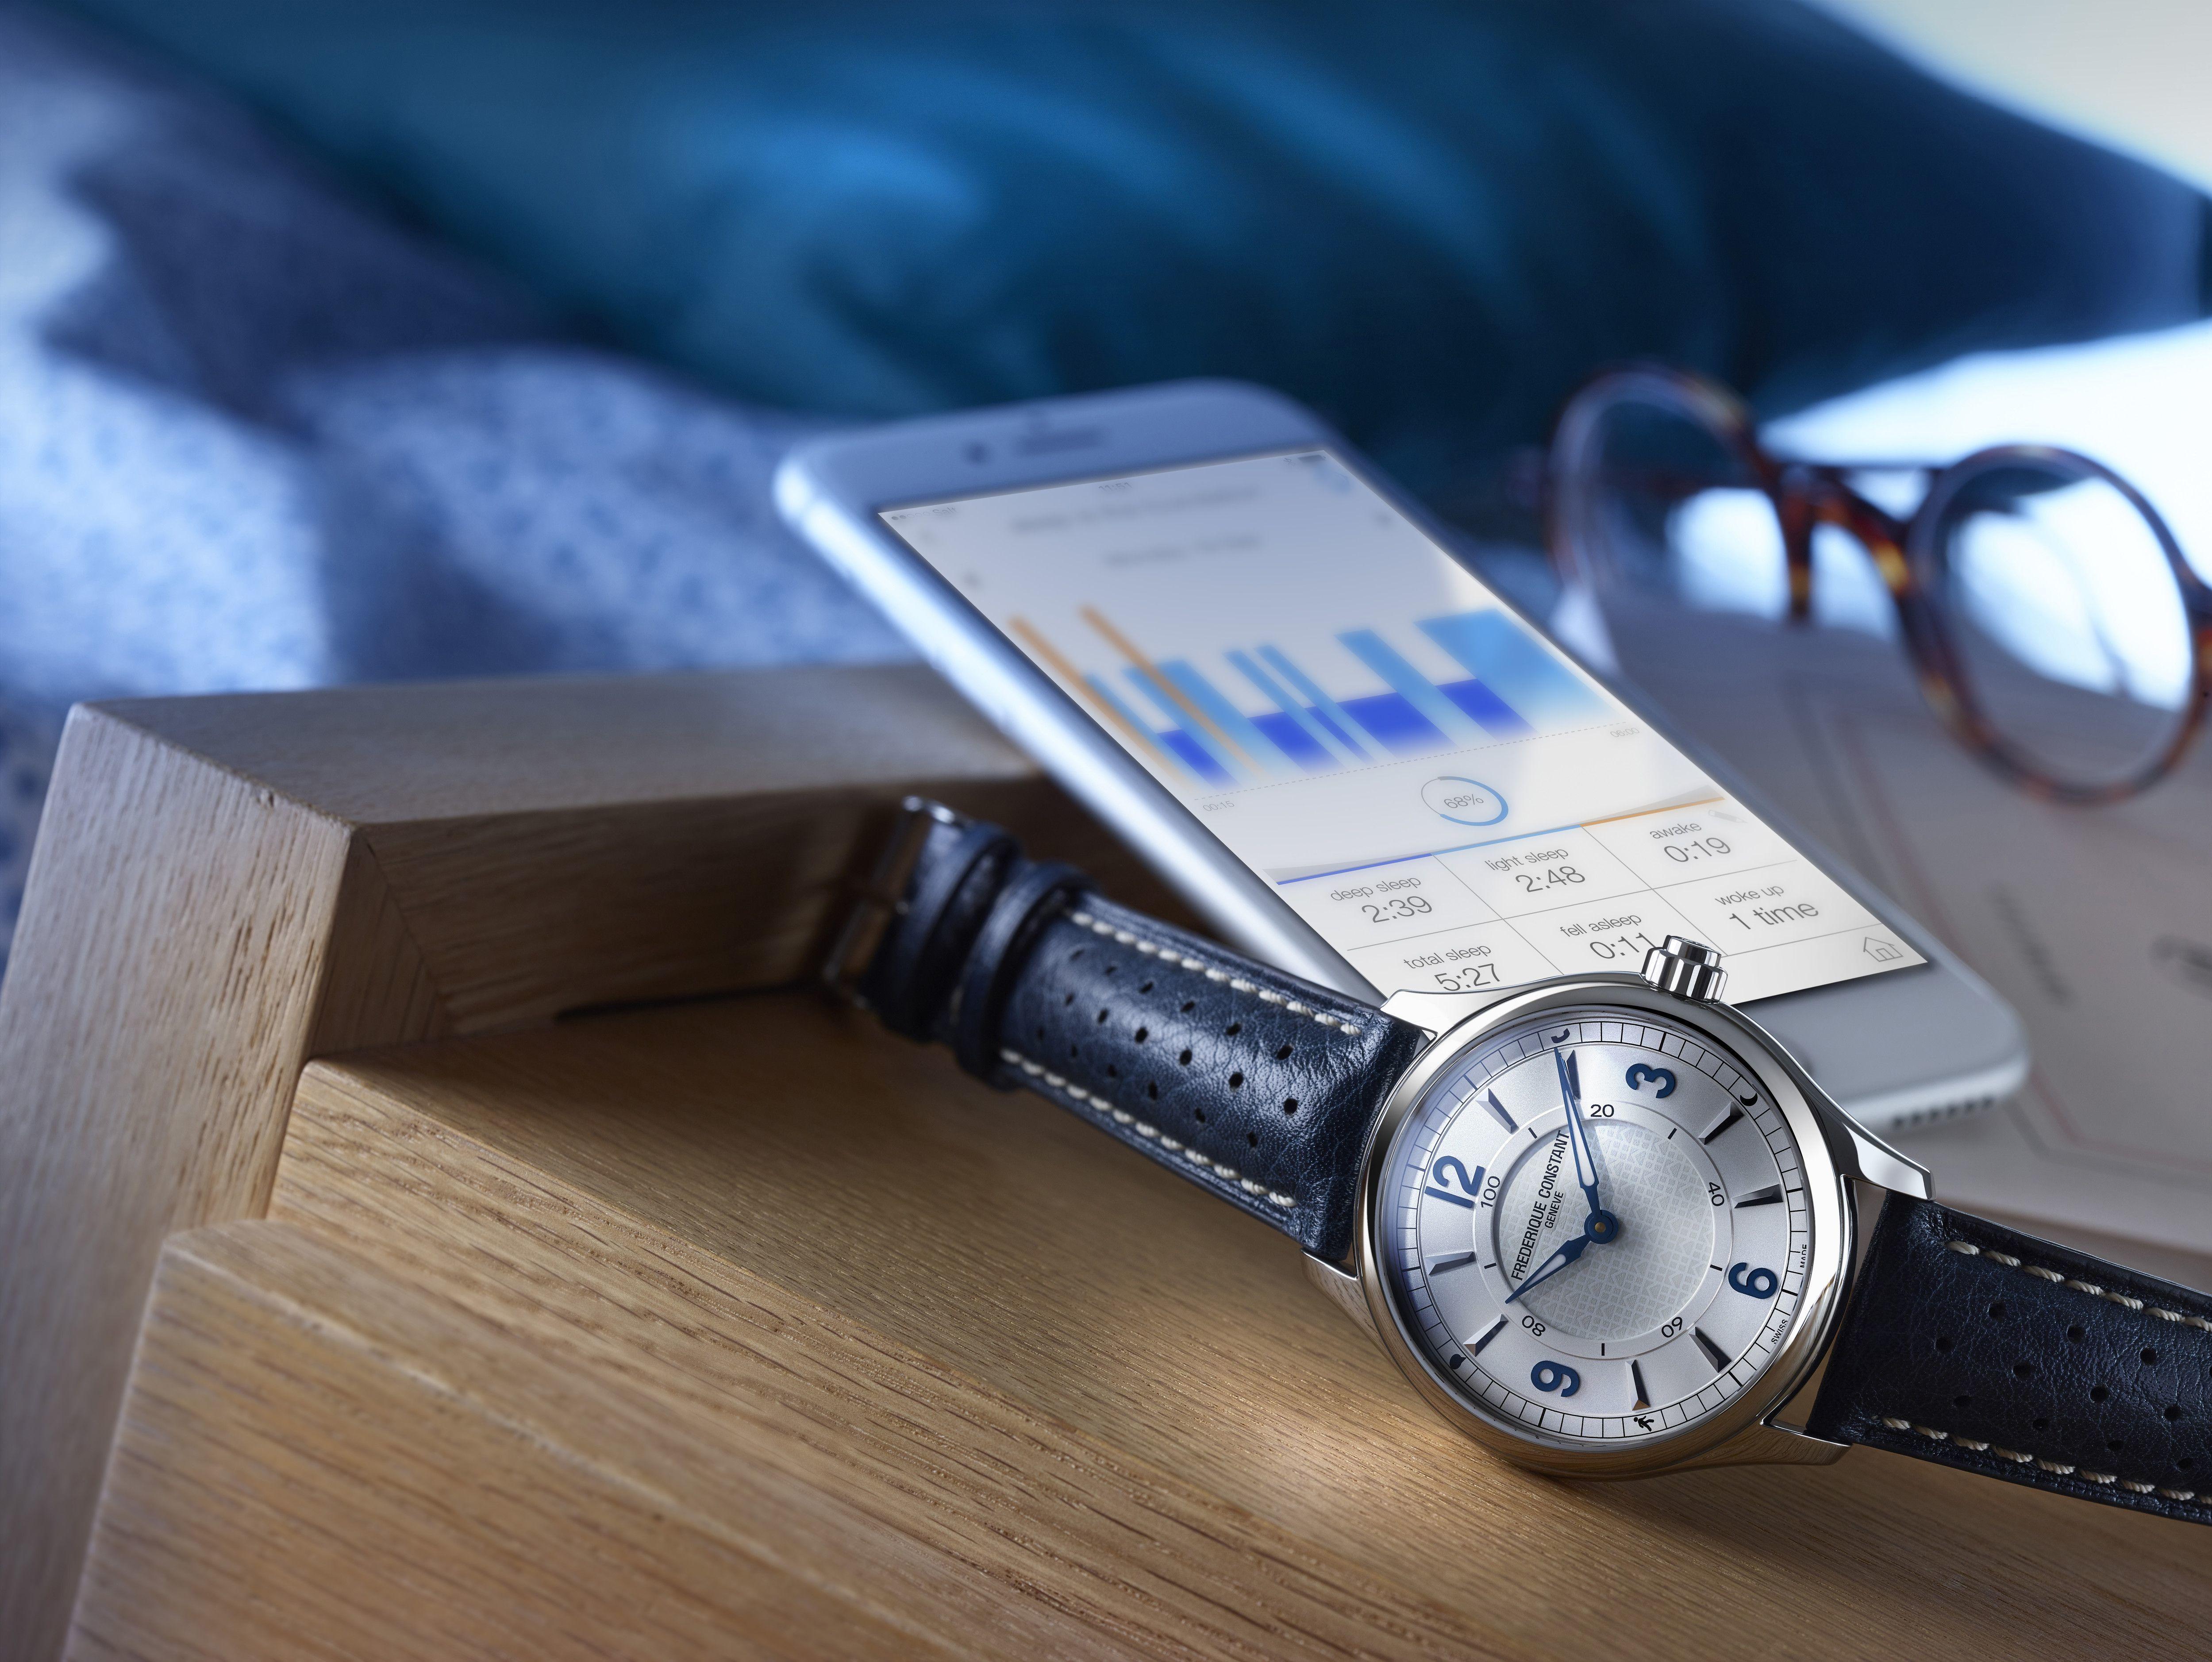 フレデリック・コンスタント│スイス製スマートウォッチを日本市場へ本格導入